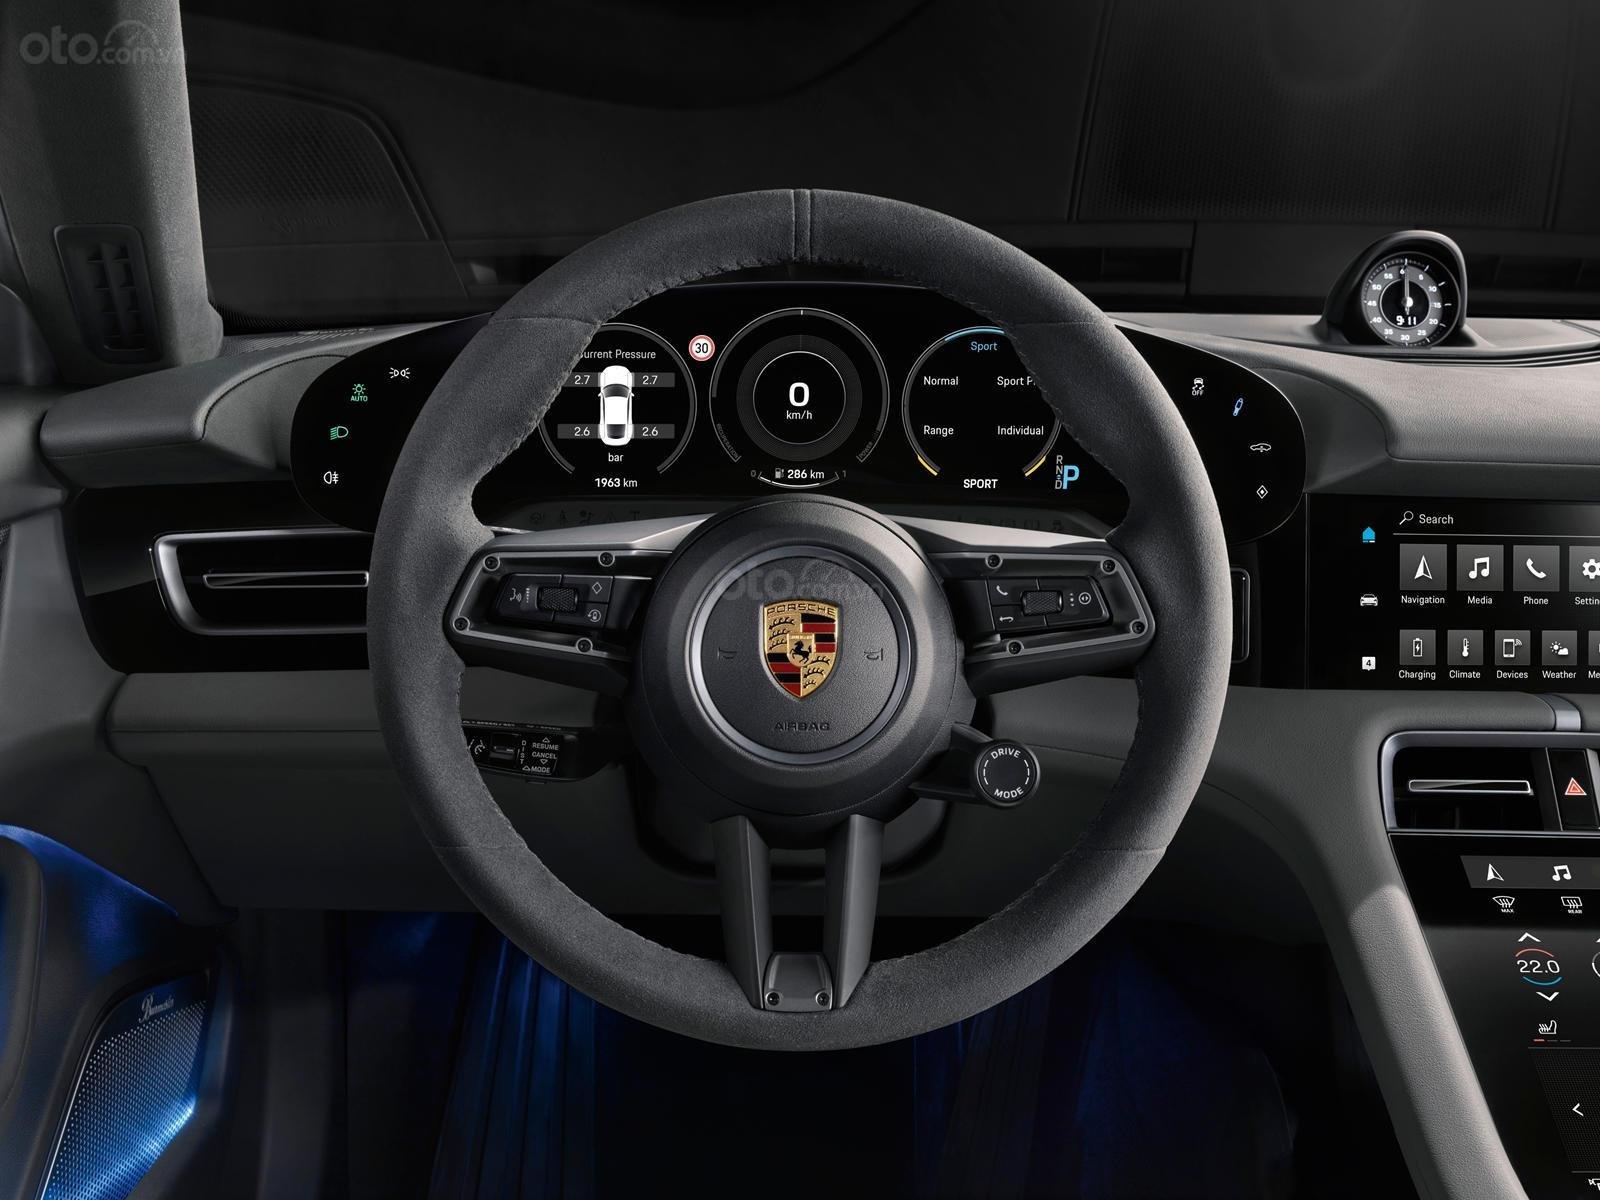 Đánh giá xe Porsche Taycan 2020 về bảng táp-lô.